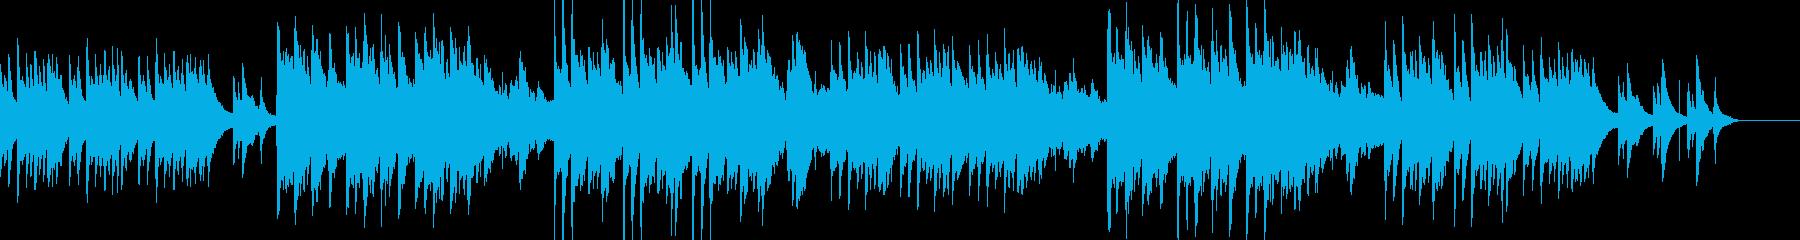 ストロベリームーンをイメージした和風曲の再生済みの波形